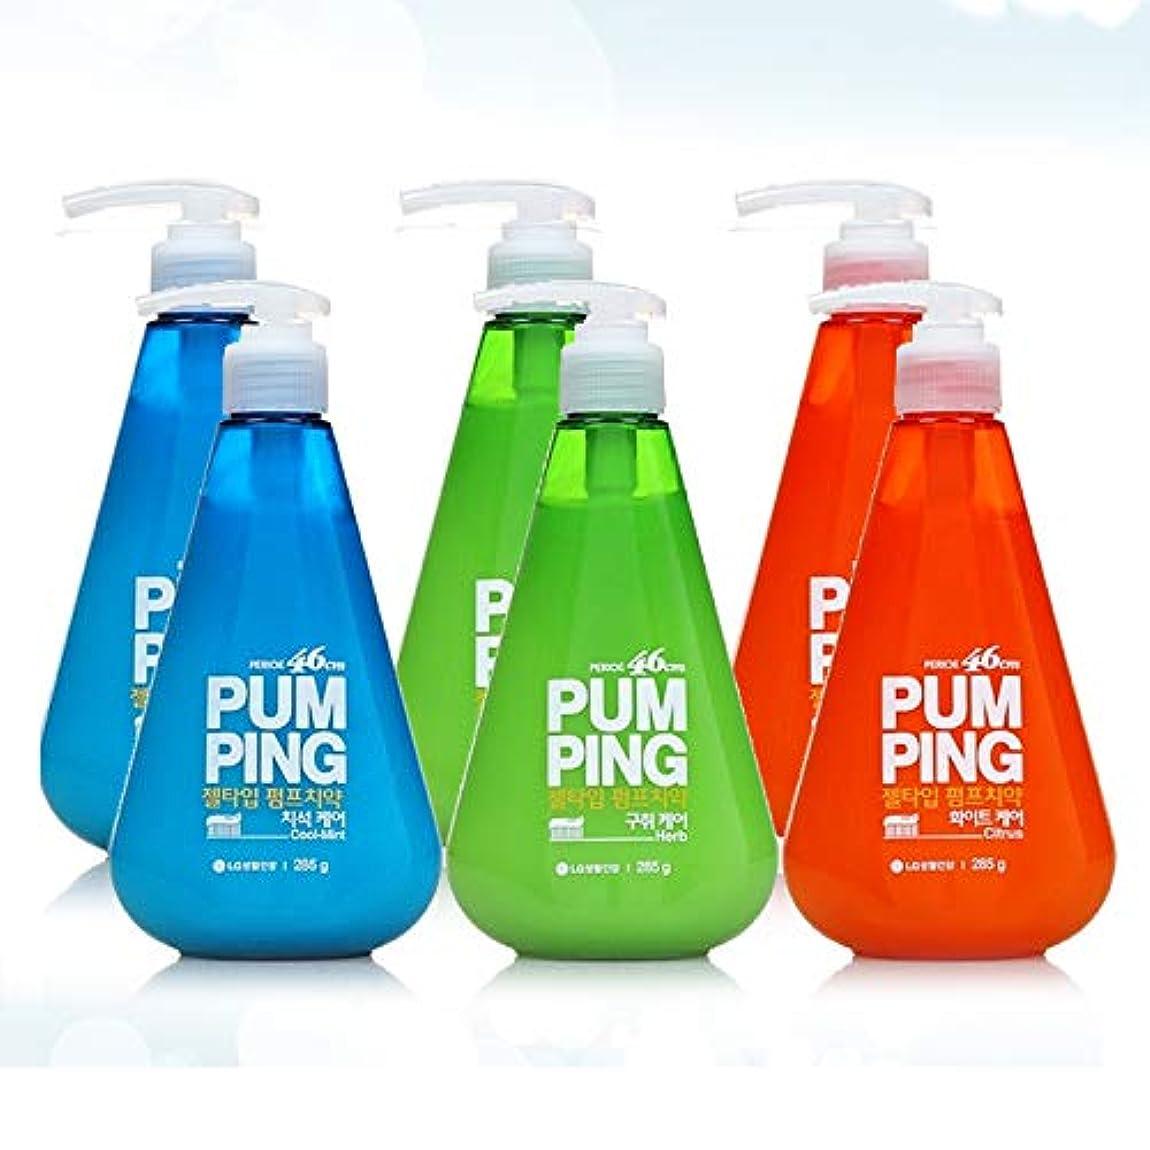 合理的市町村受粉者[LG HnB] Perio 46cm pumped toothpaste / ペリオ46cmポンピング歯磨き粉 285gx6個(海外直送品)